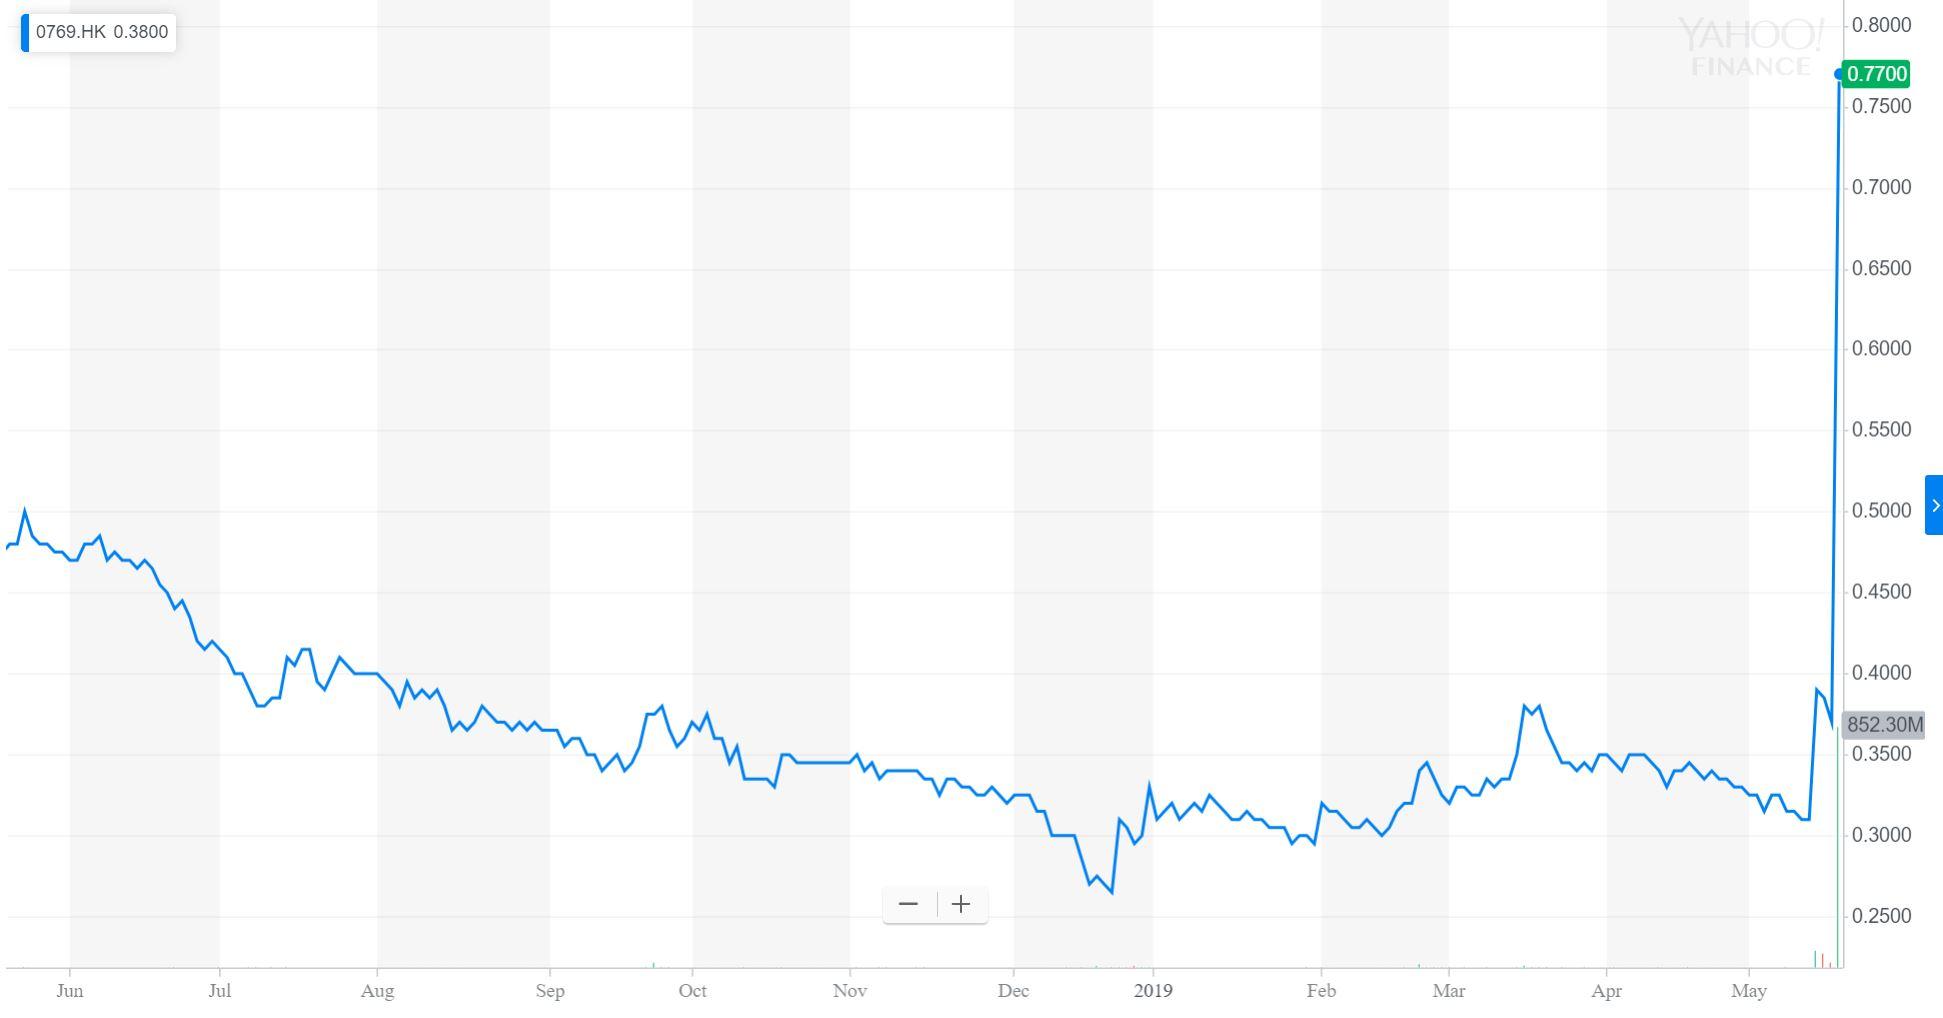 China Rare Earth Holdings aktiekurs